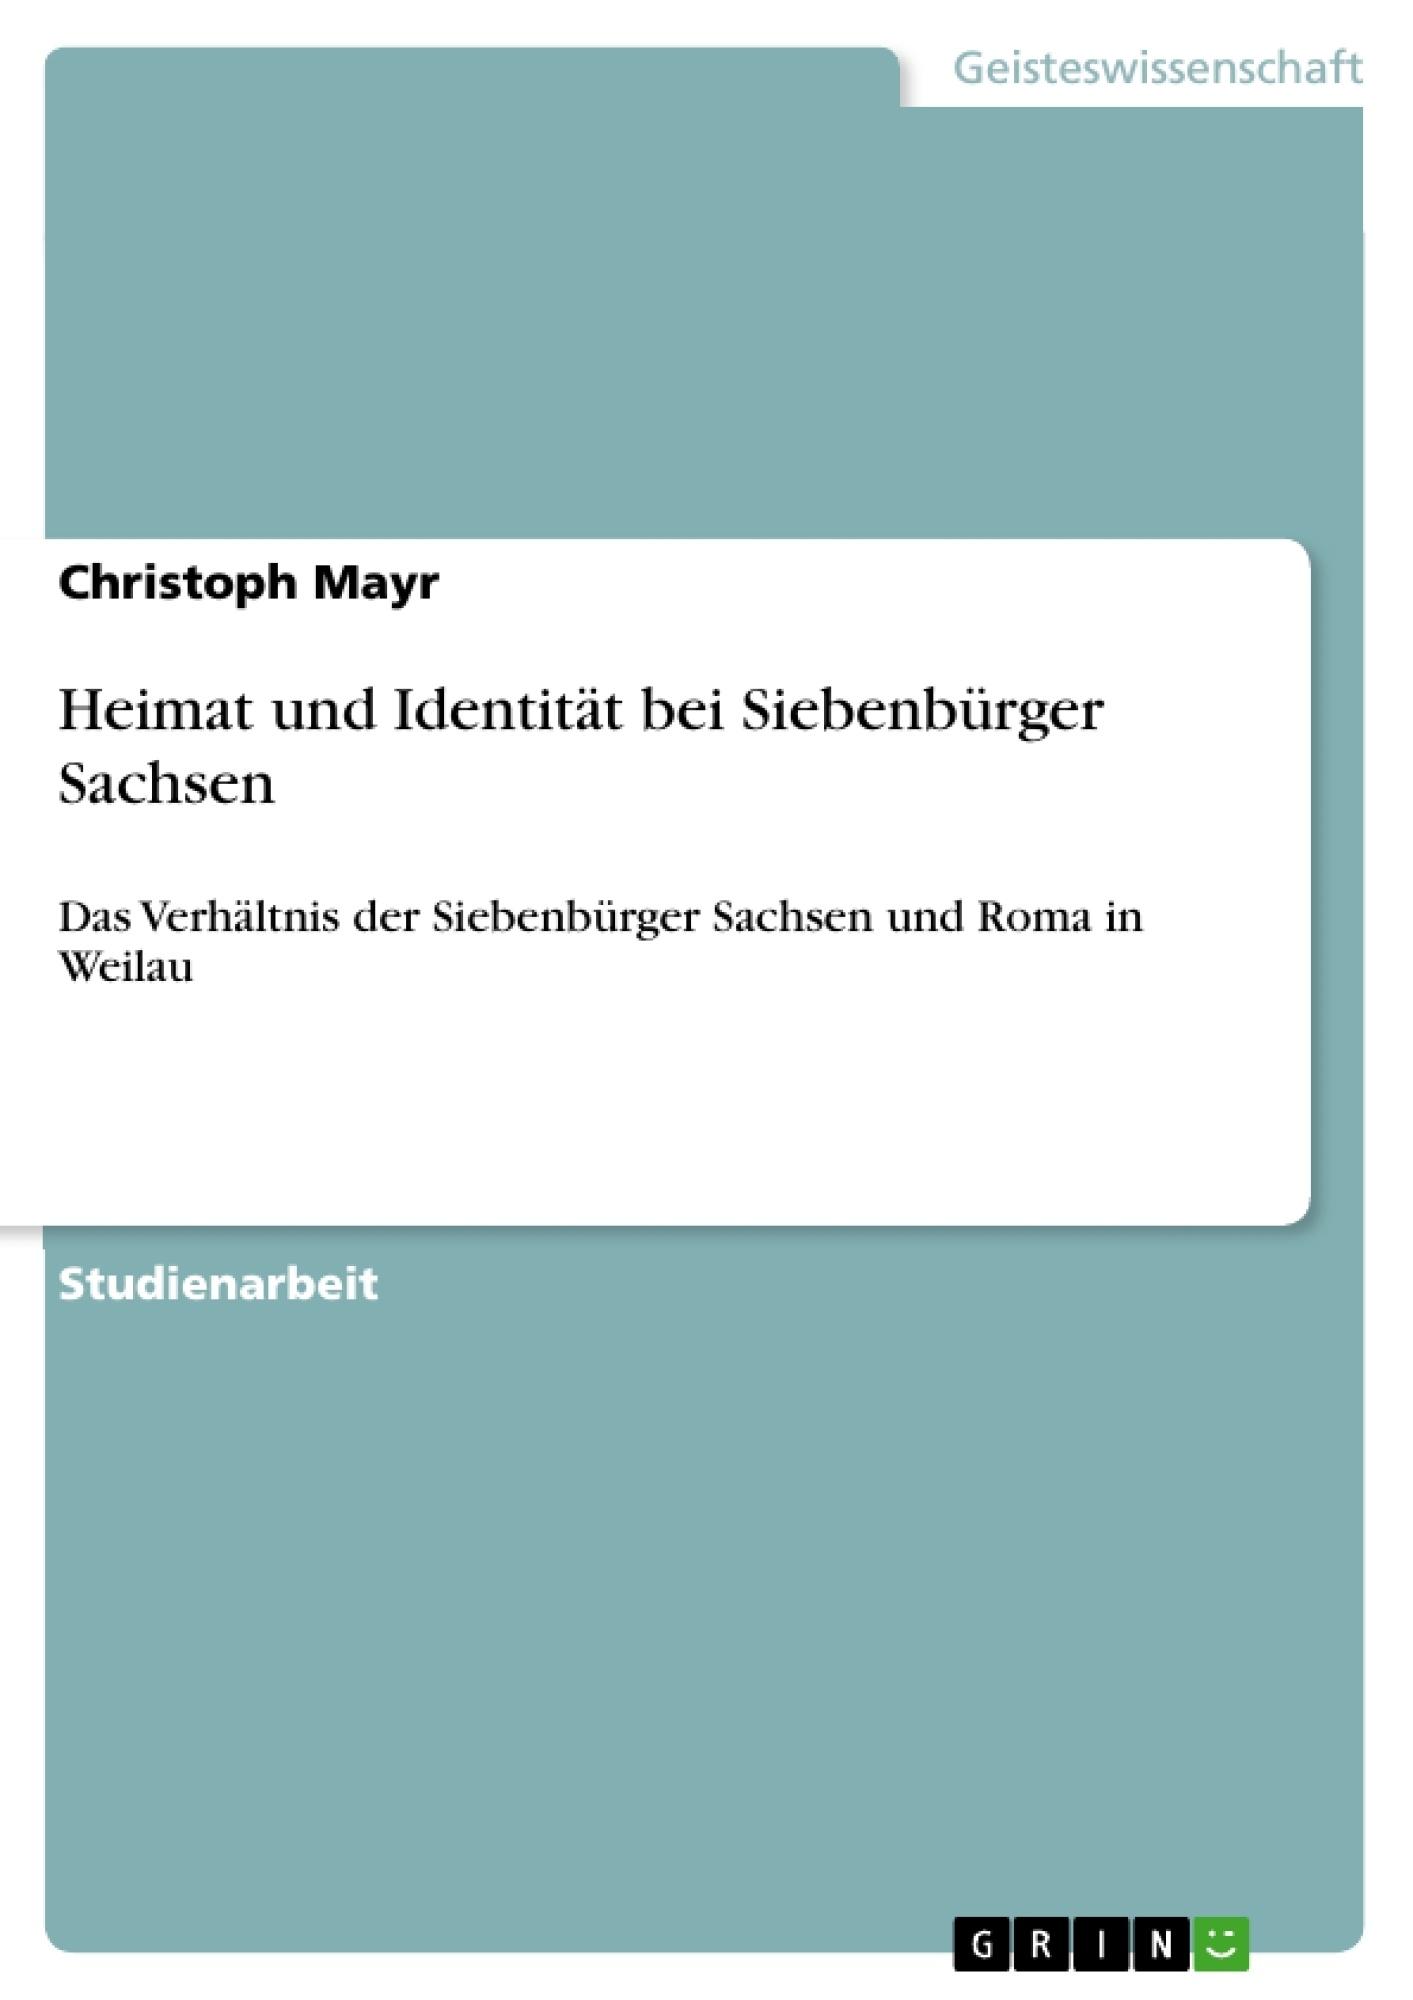 Titel: Heimat und Identität bei Siebenbürger Sachsen